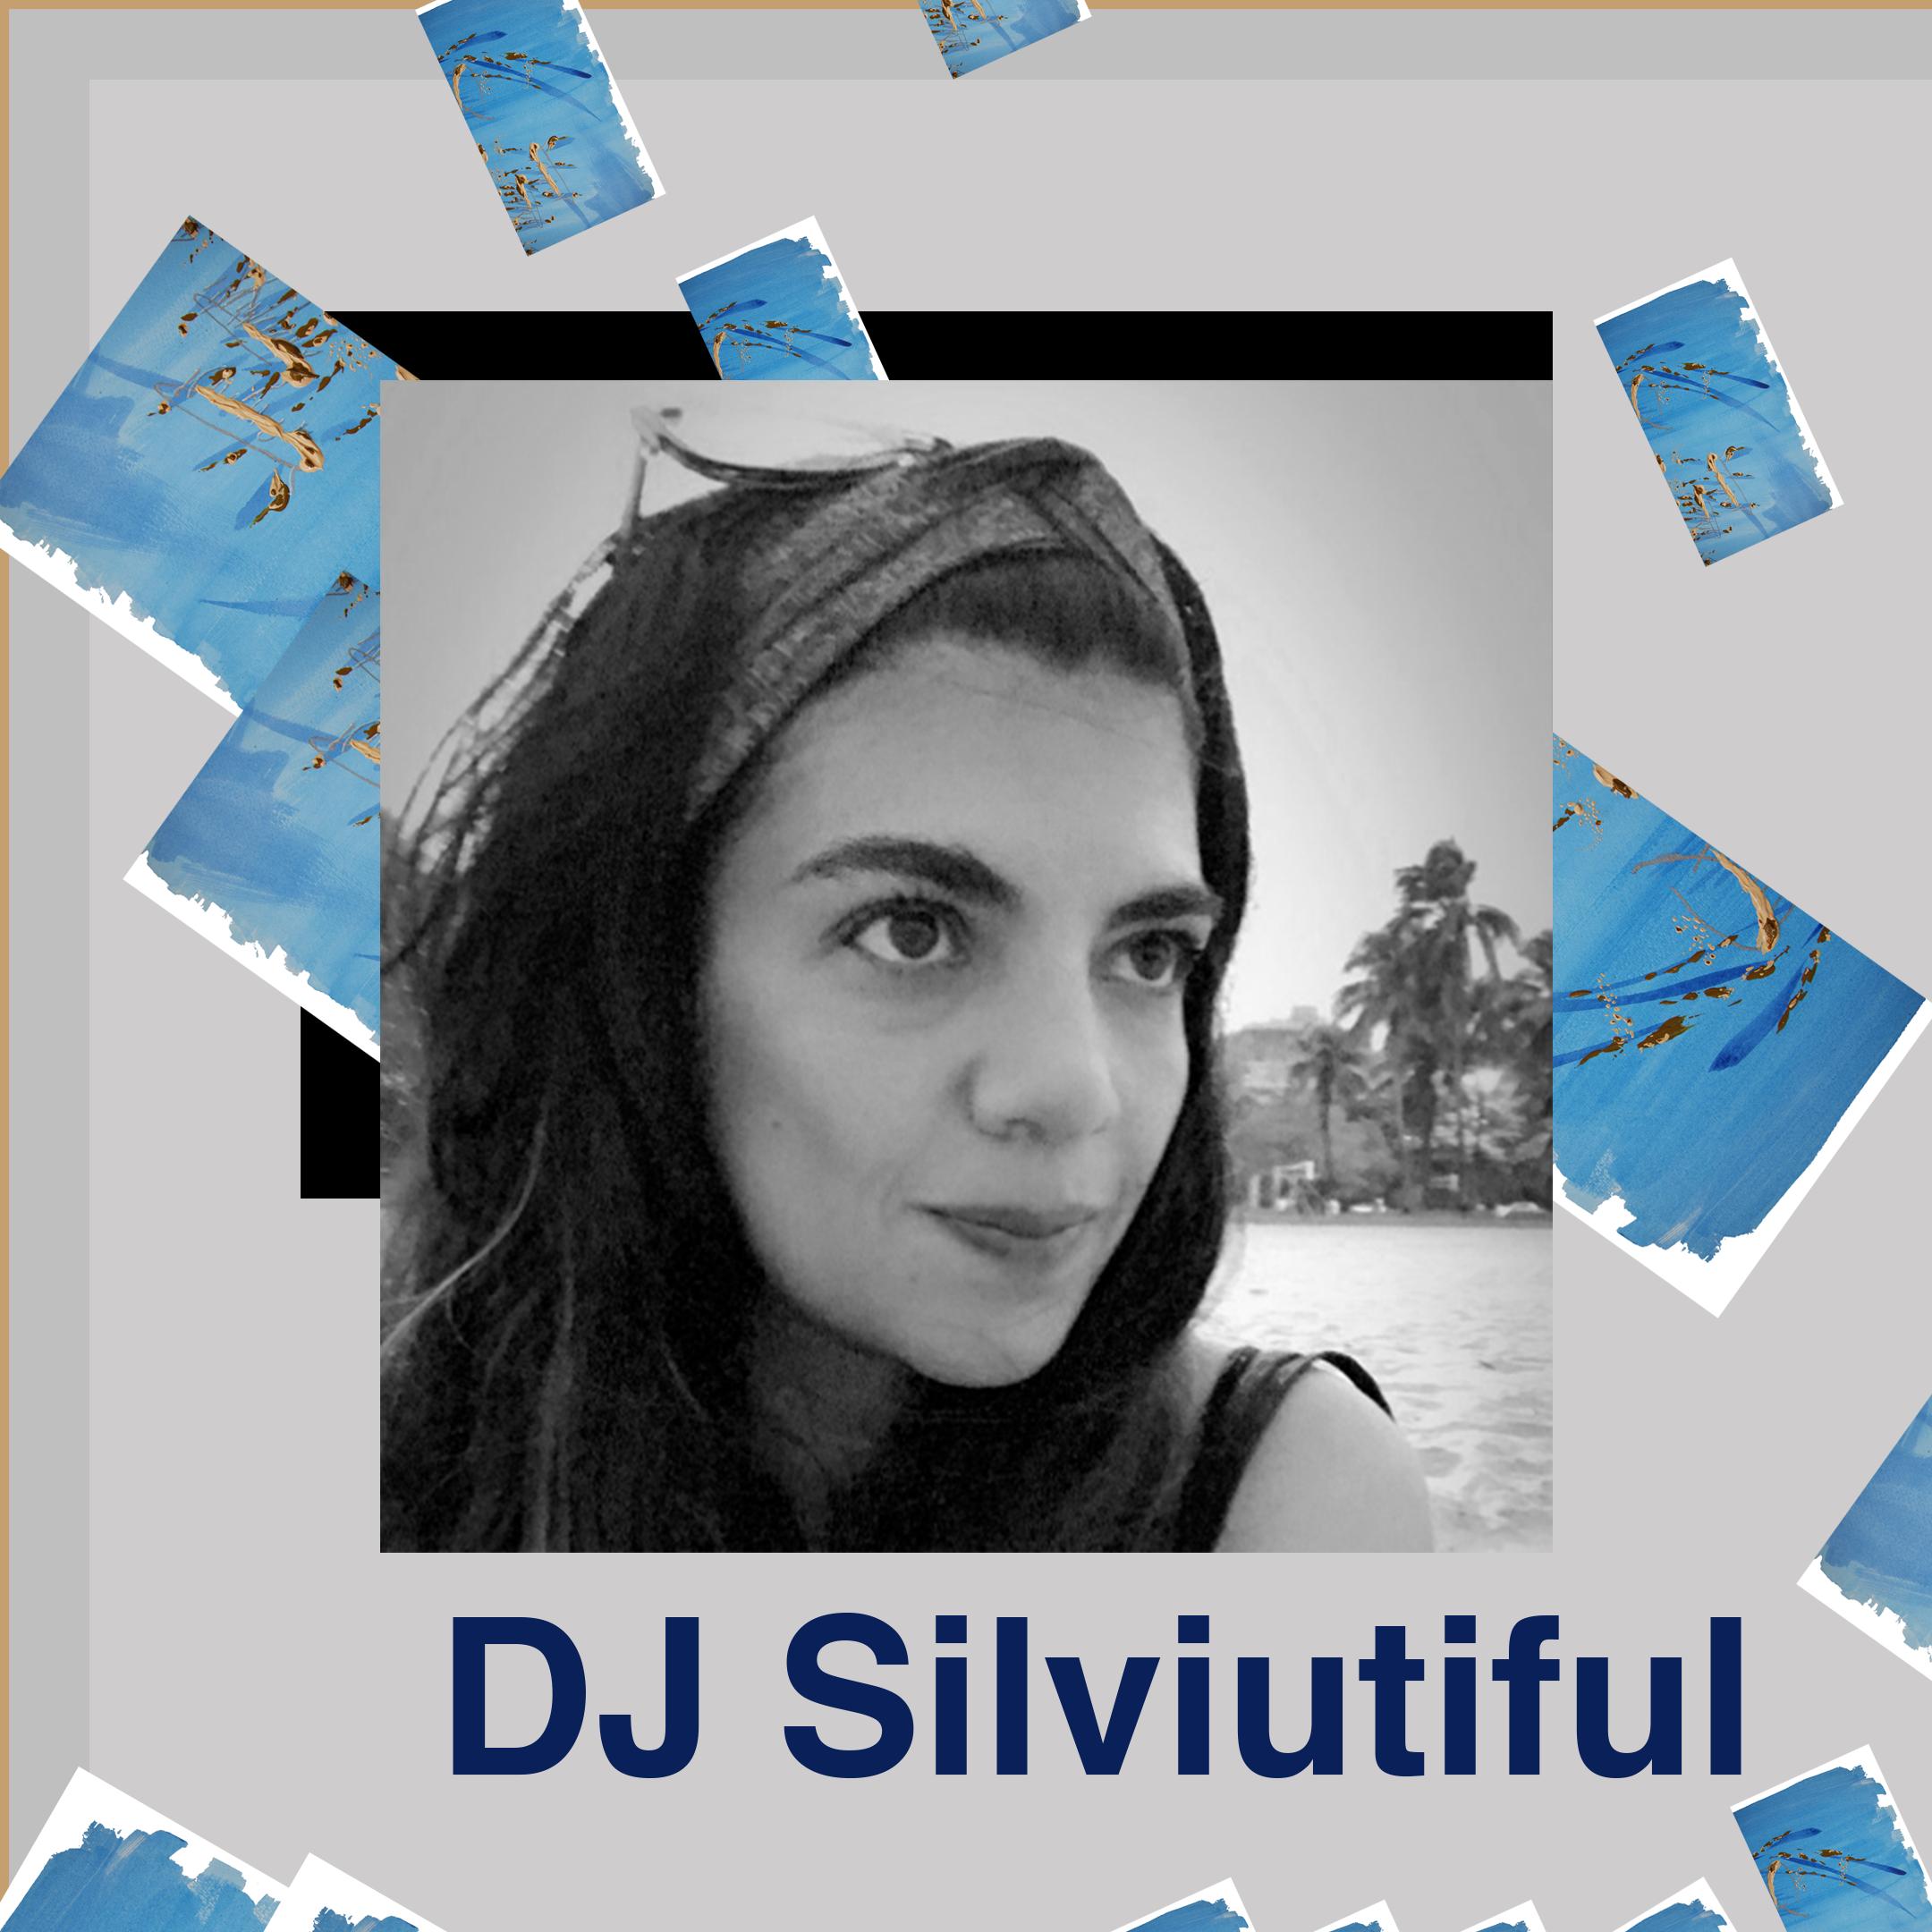 DJ Silviutiful